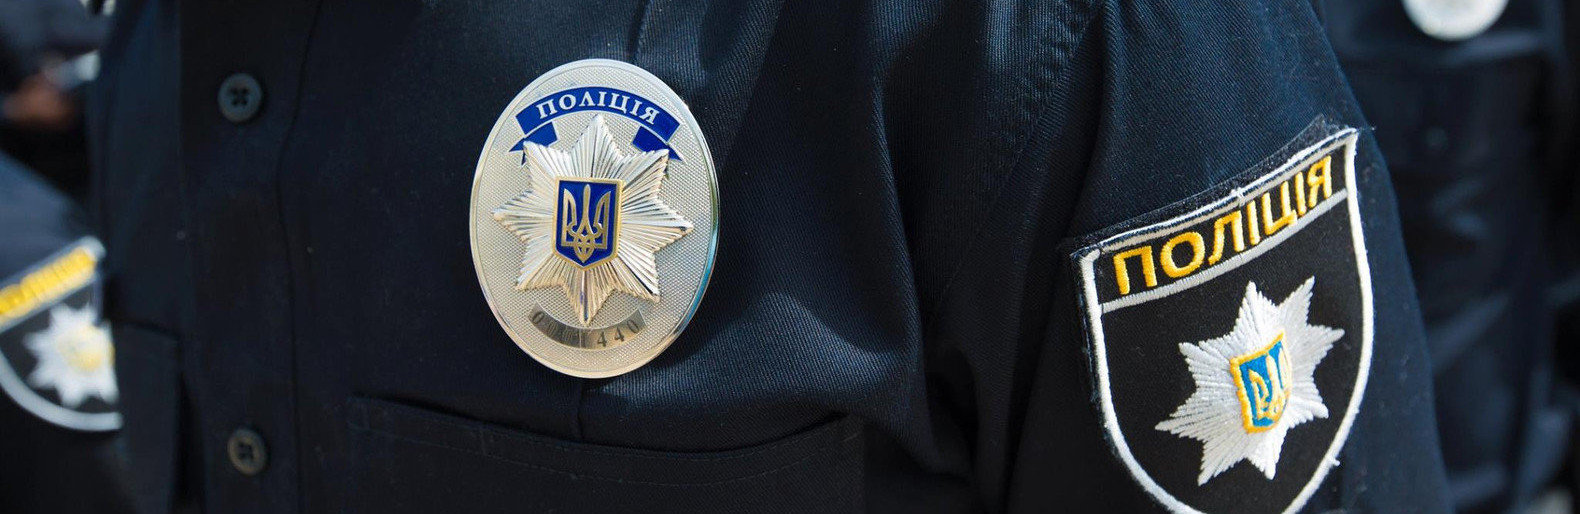 В Одесской области рабочим пришлось заварить себя в нефтяном резервуаре, чтобы получить зарплату,- ВИДЕО0